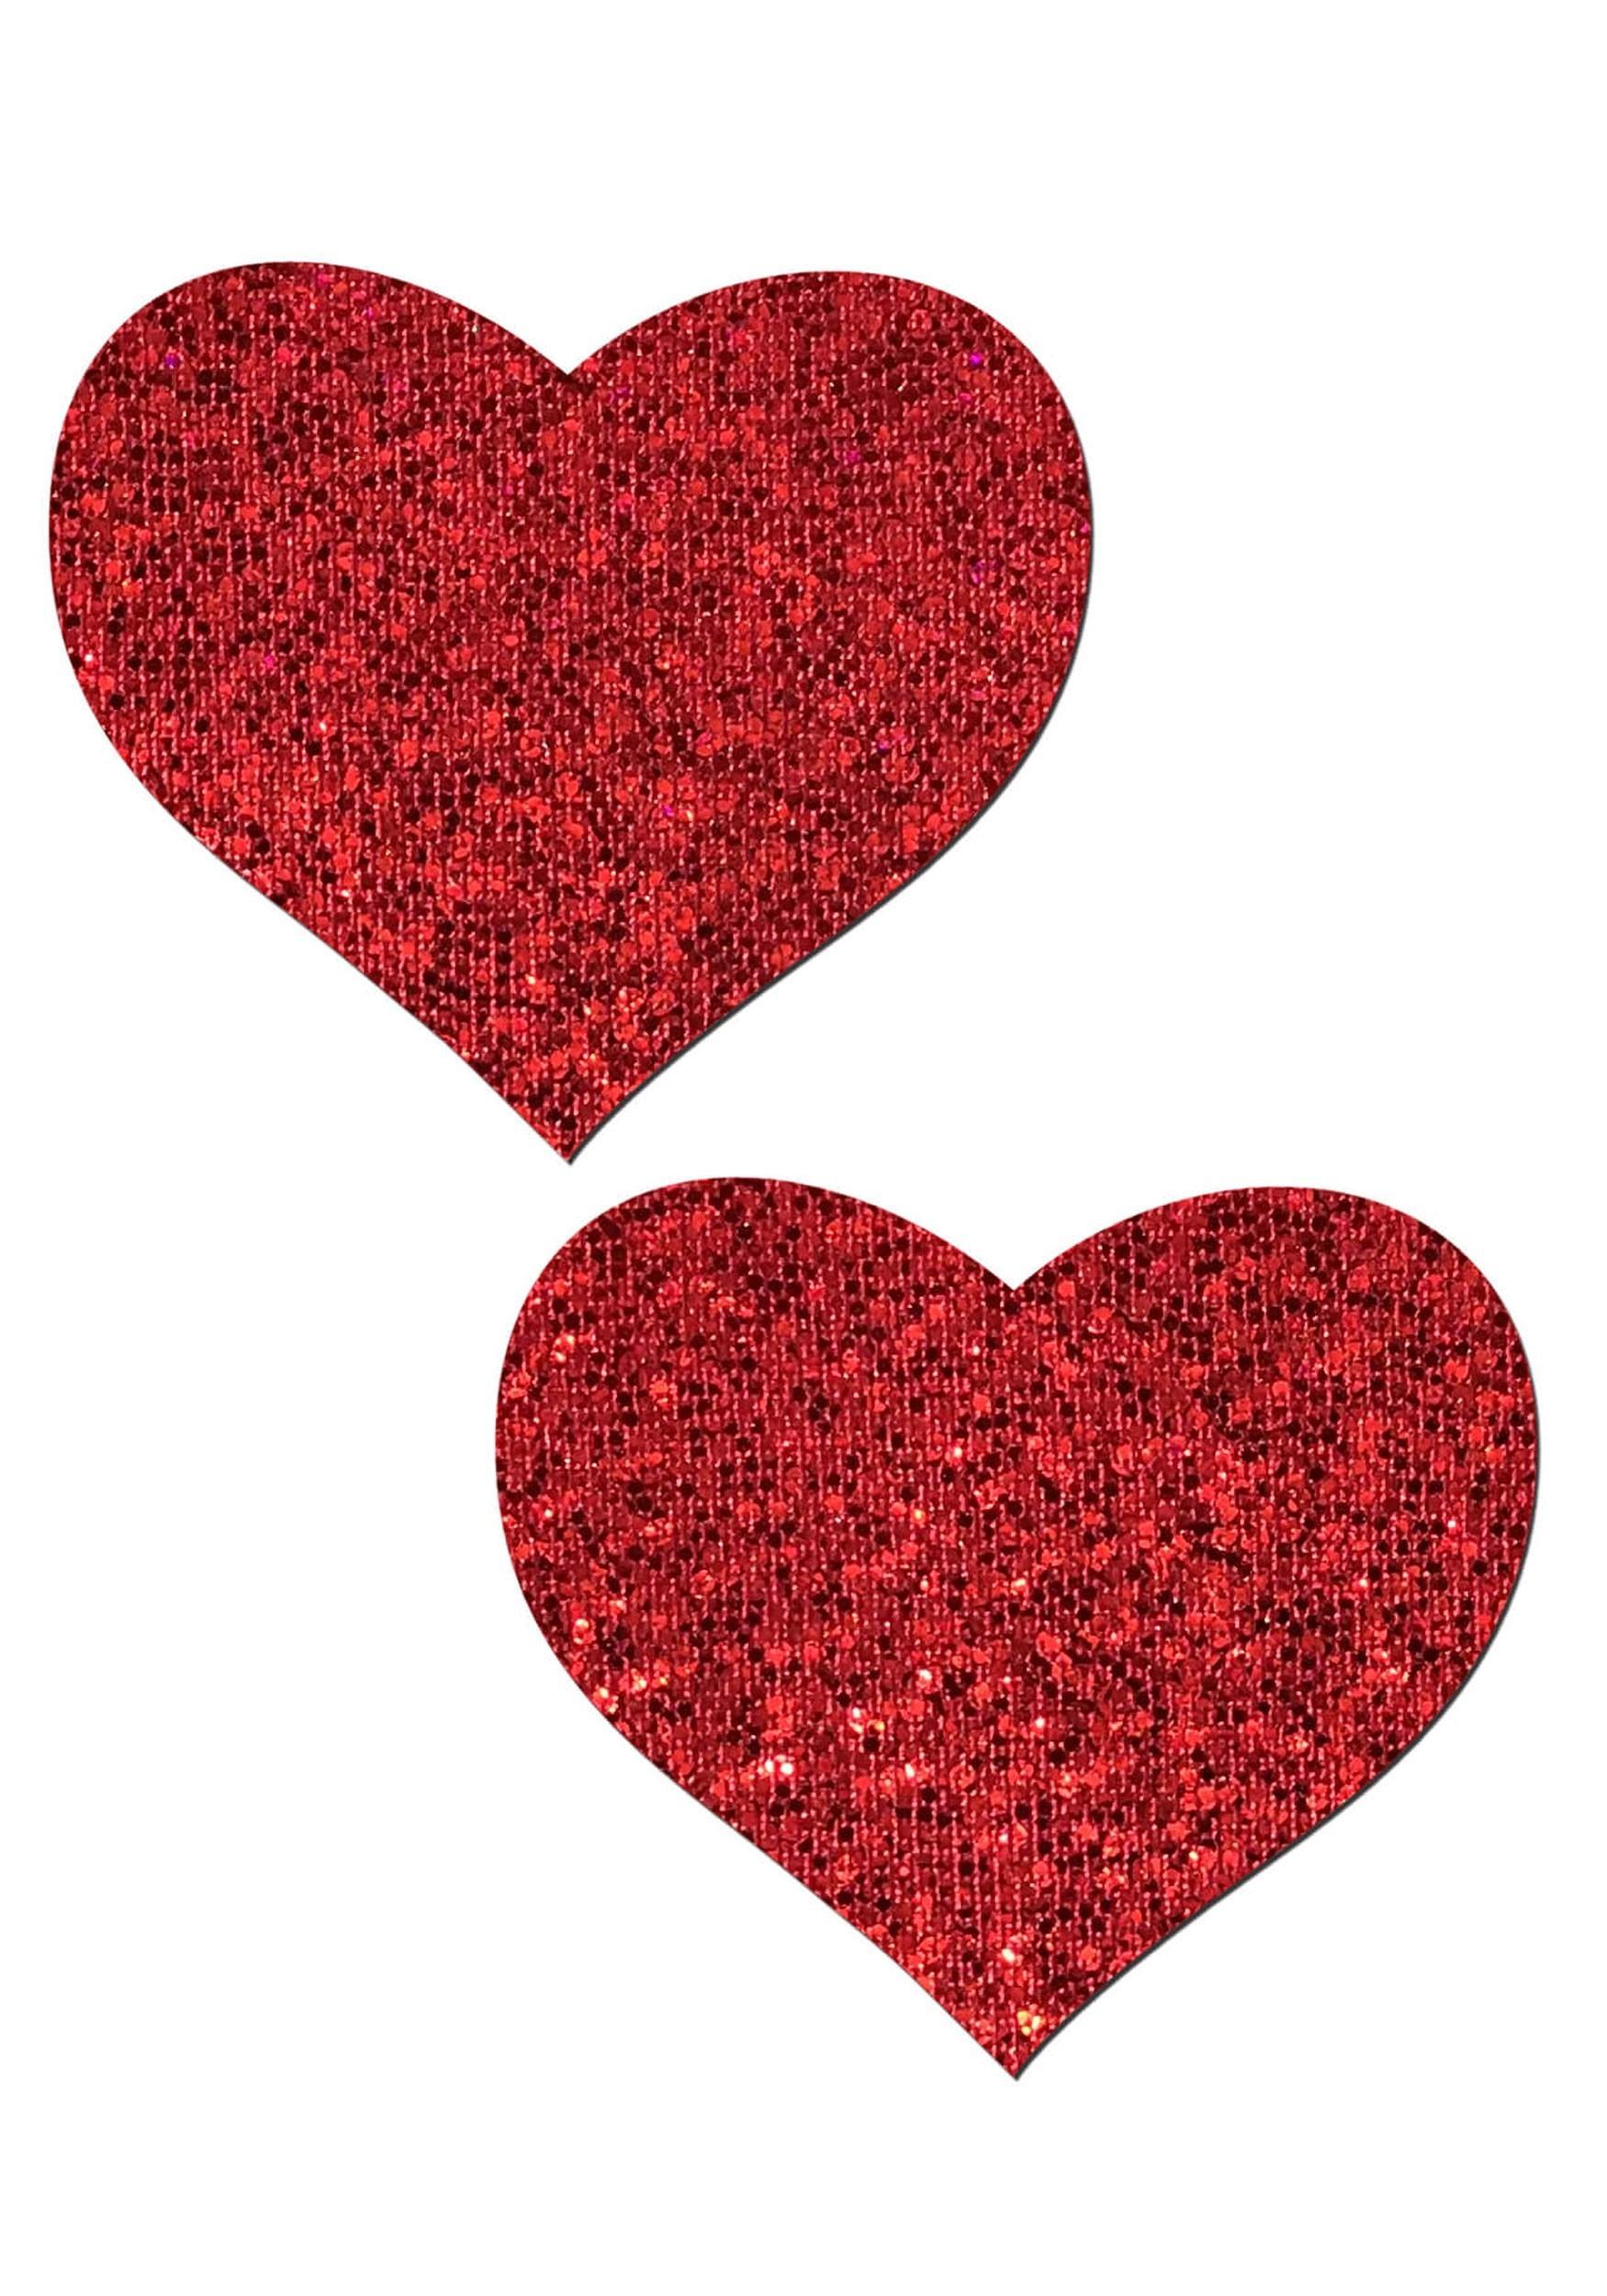 картинки сердечки распечатать красные много